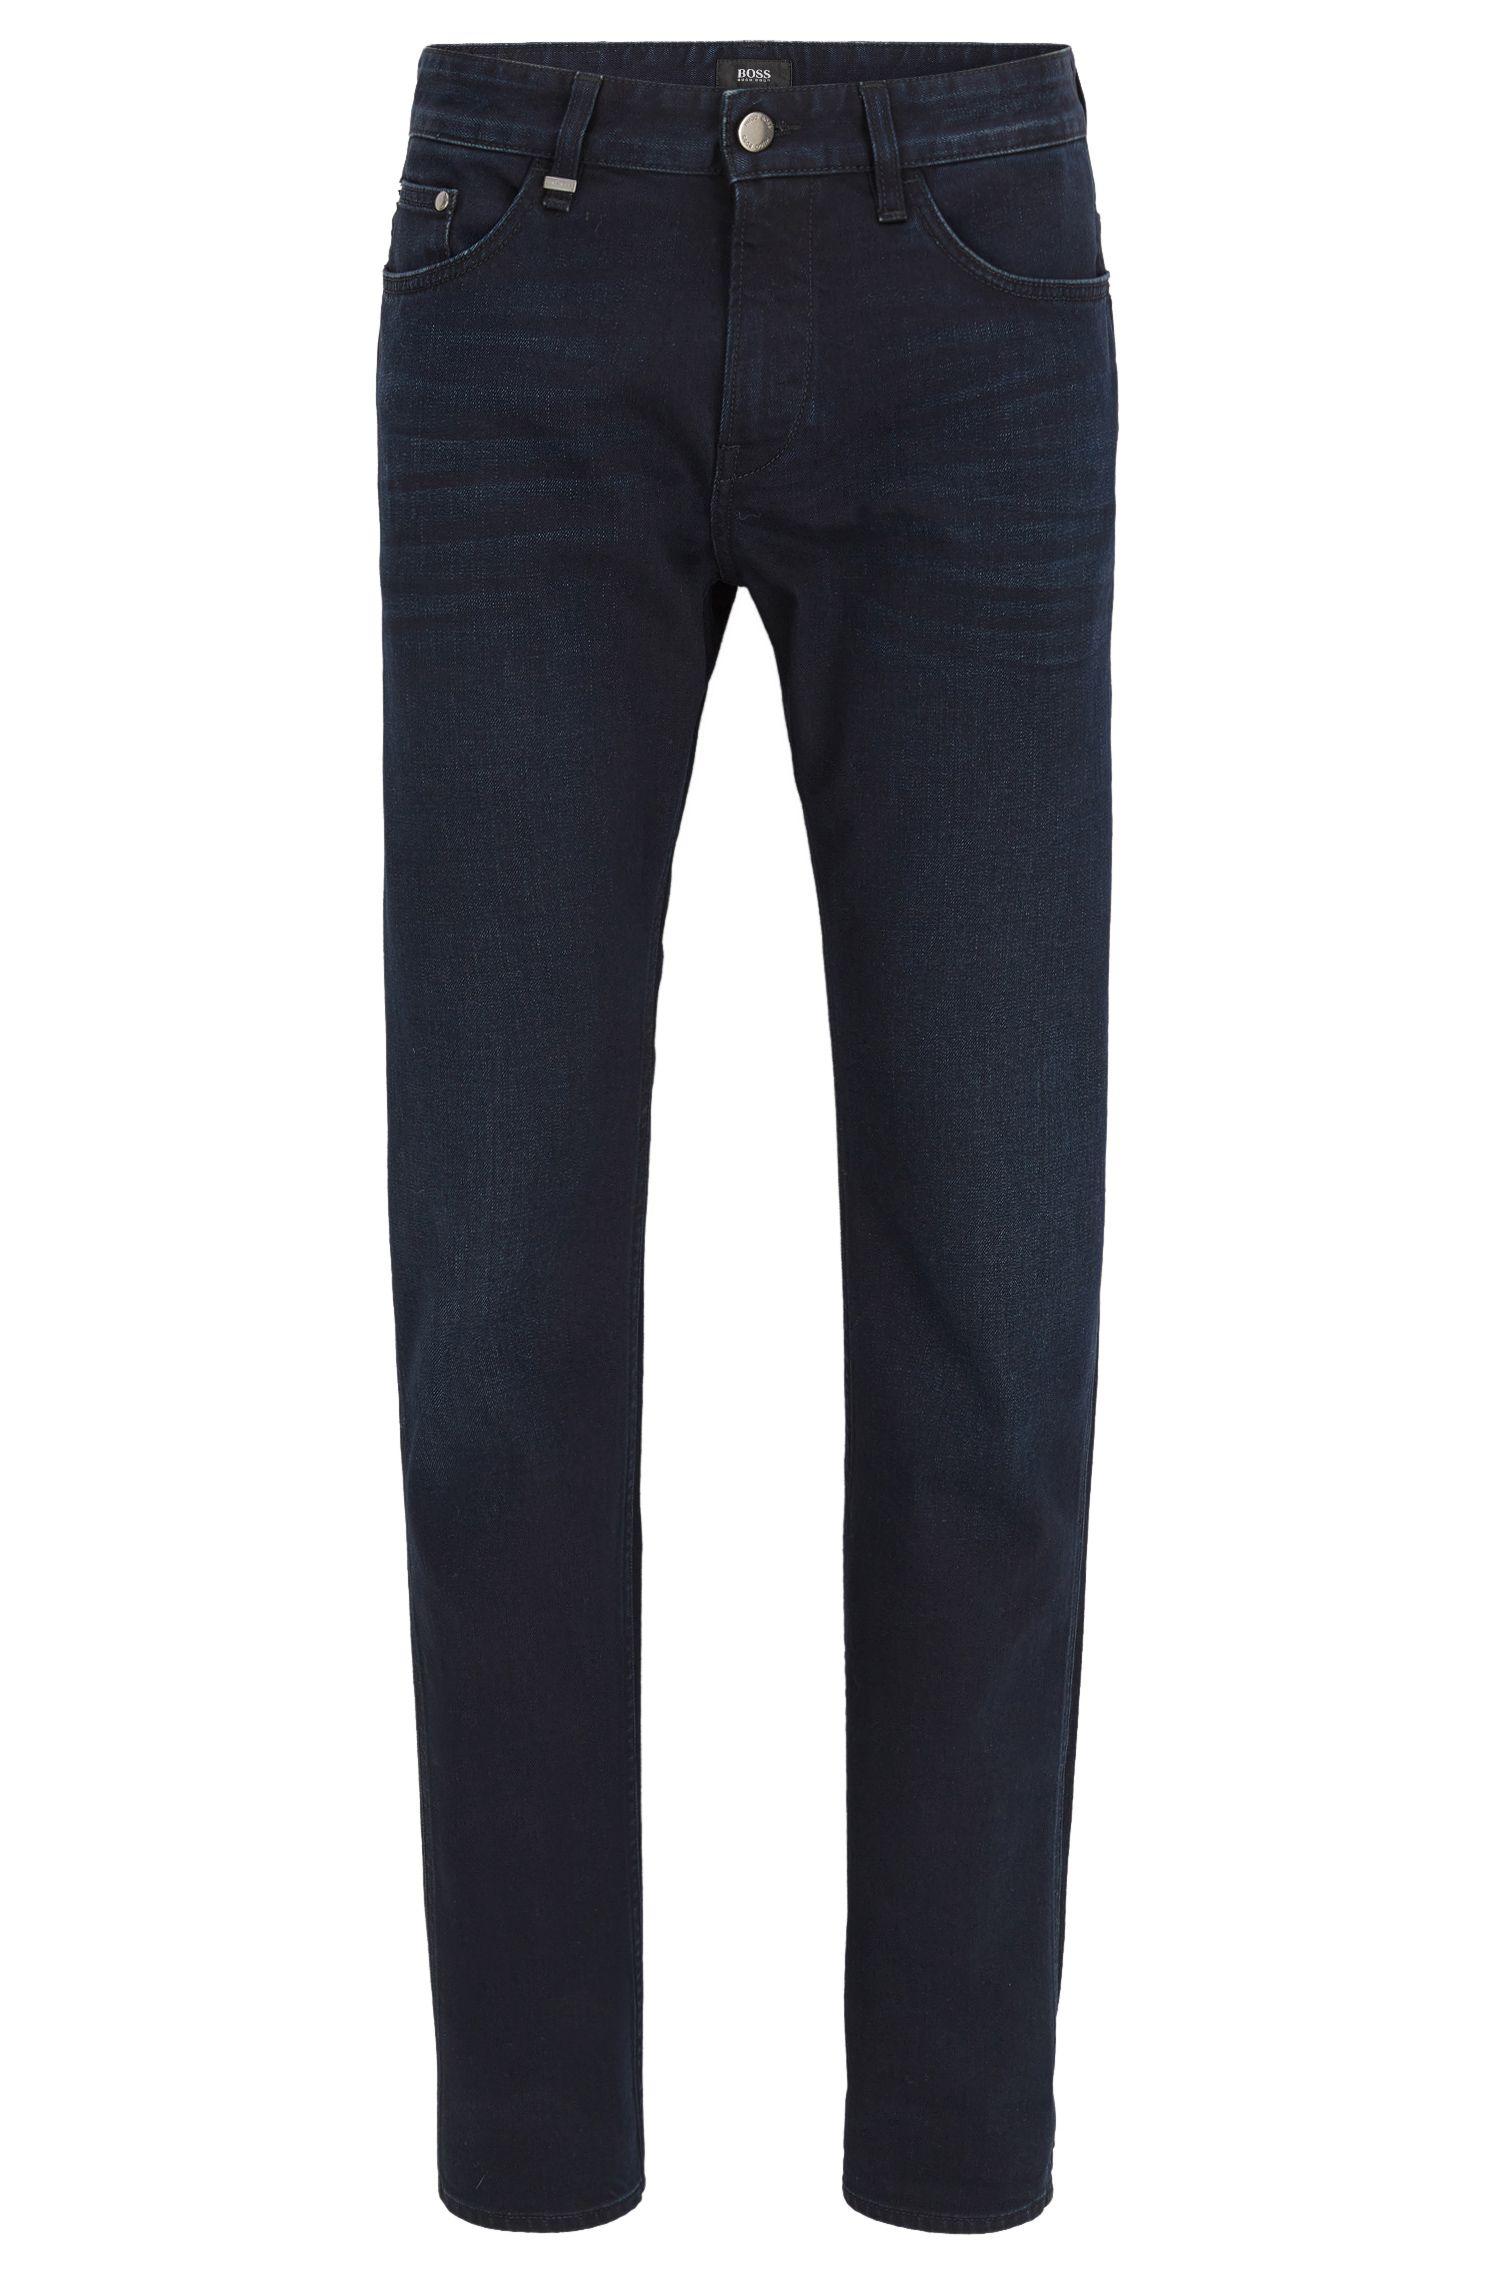 Jeans Slim Fit en denim stretch confortable, de teinte bleu-noir